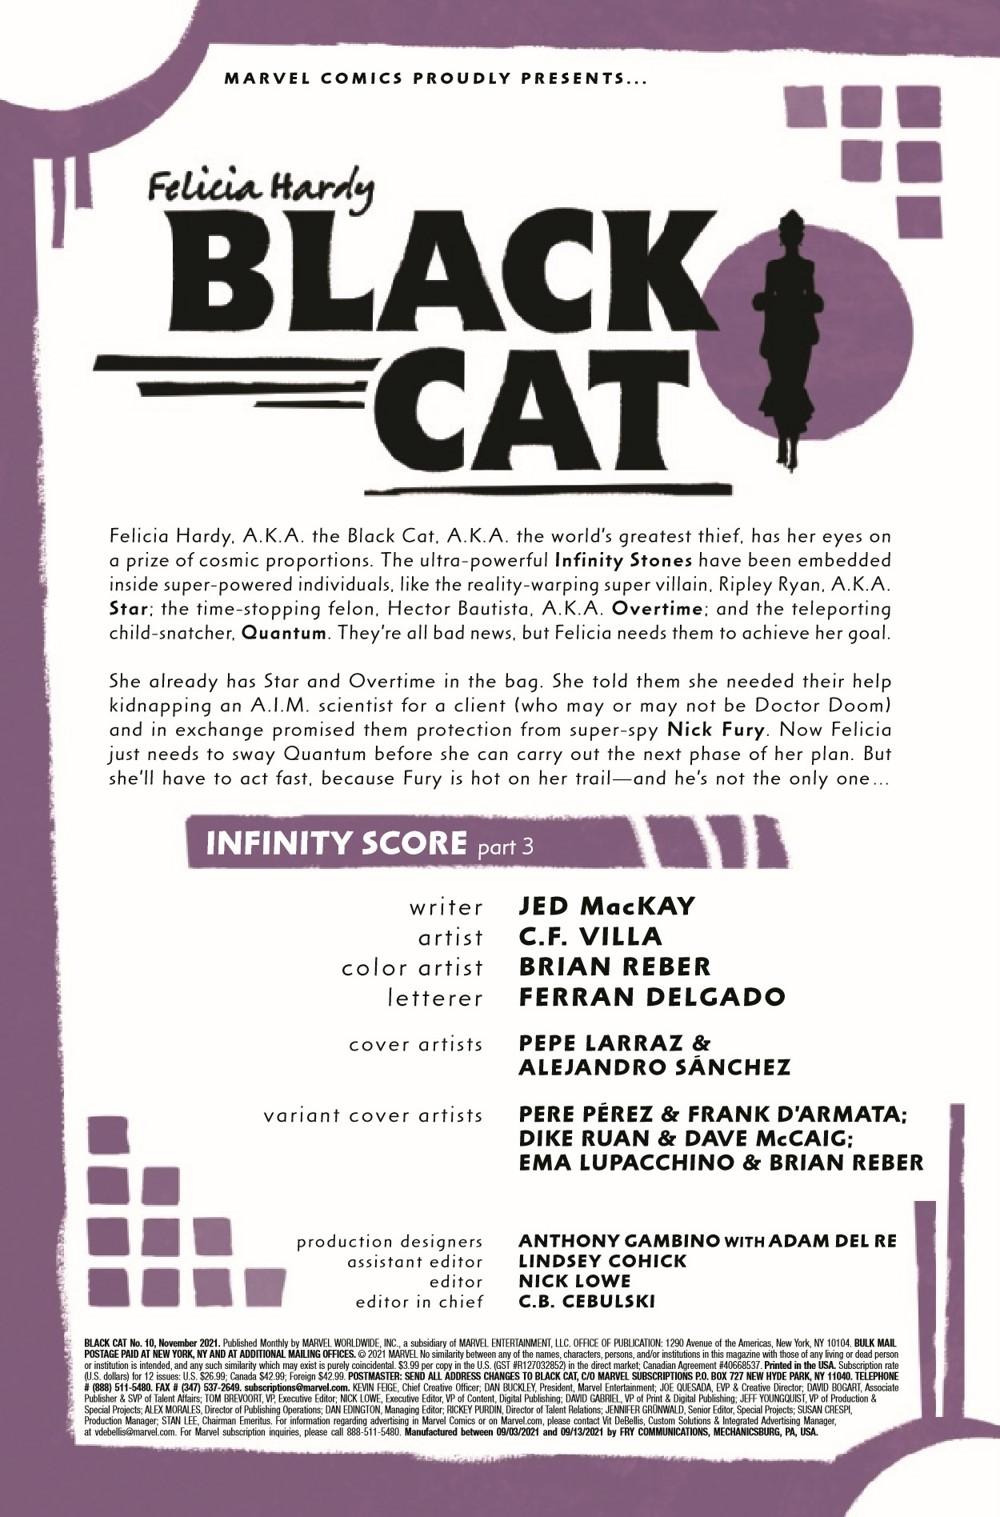 BLACKCAT2020010_Preview-2 ComicList Previews: BLACK CAT #10